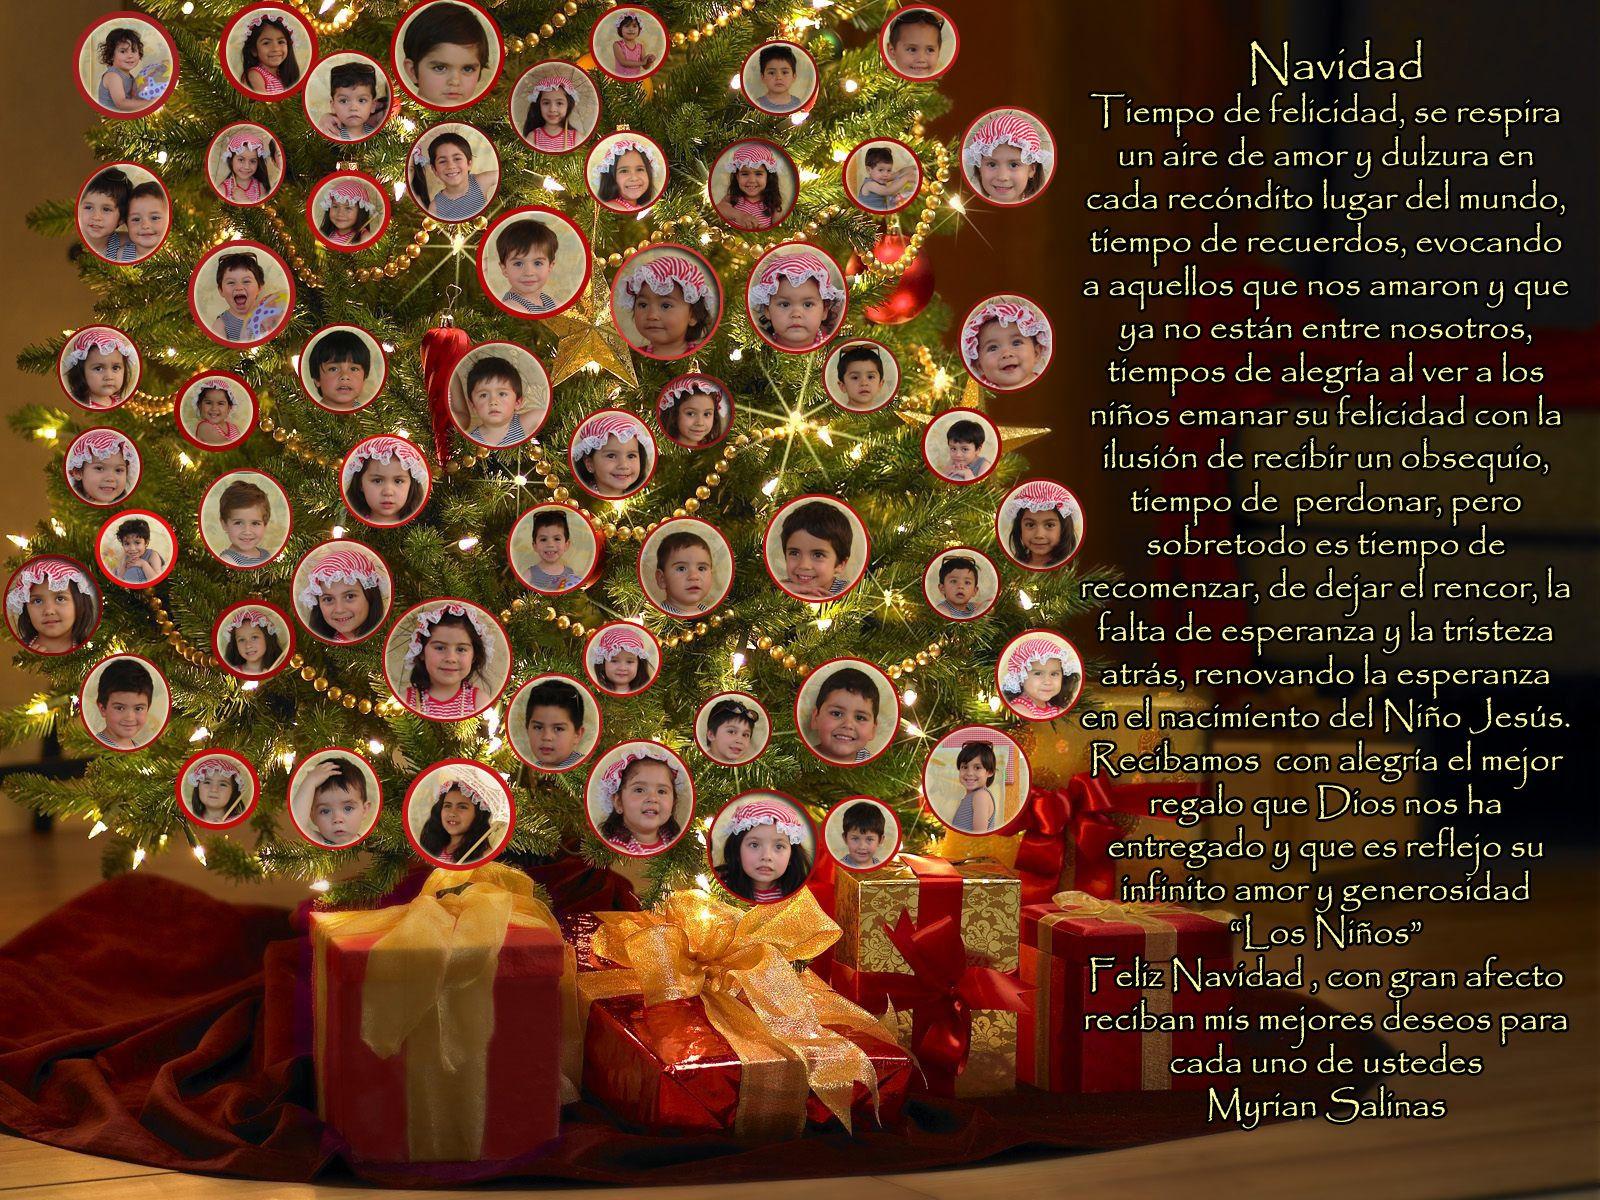 Para todos mis amigos y amigas del Mundo que tengan una hermosa Navidad llena de Bendiciones Myrian Salinas